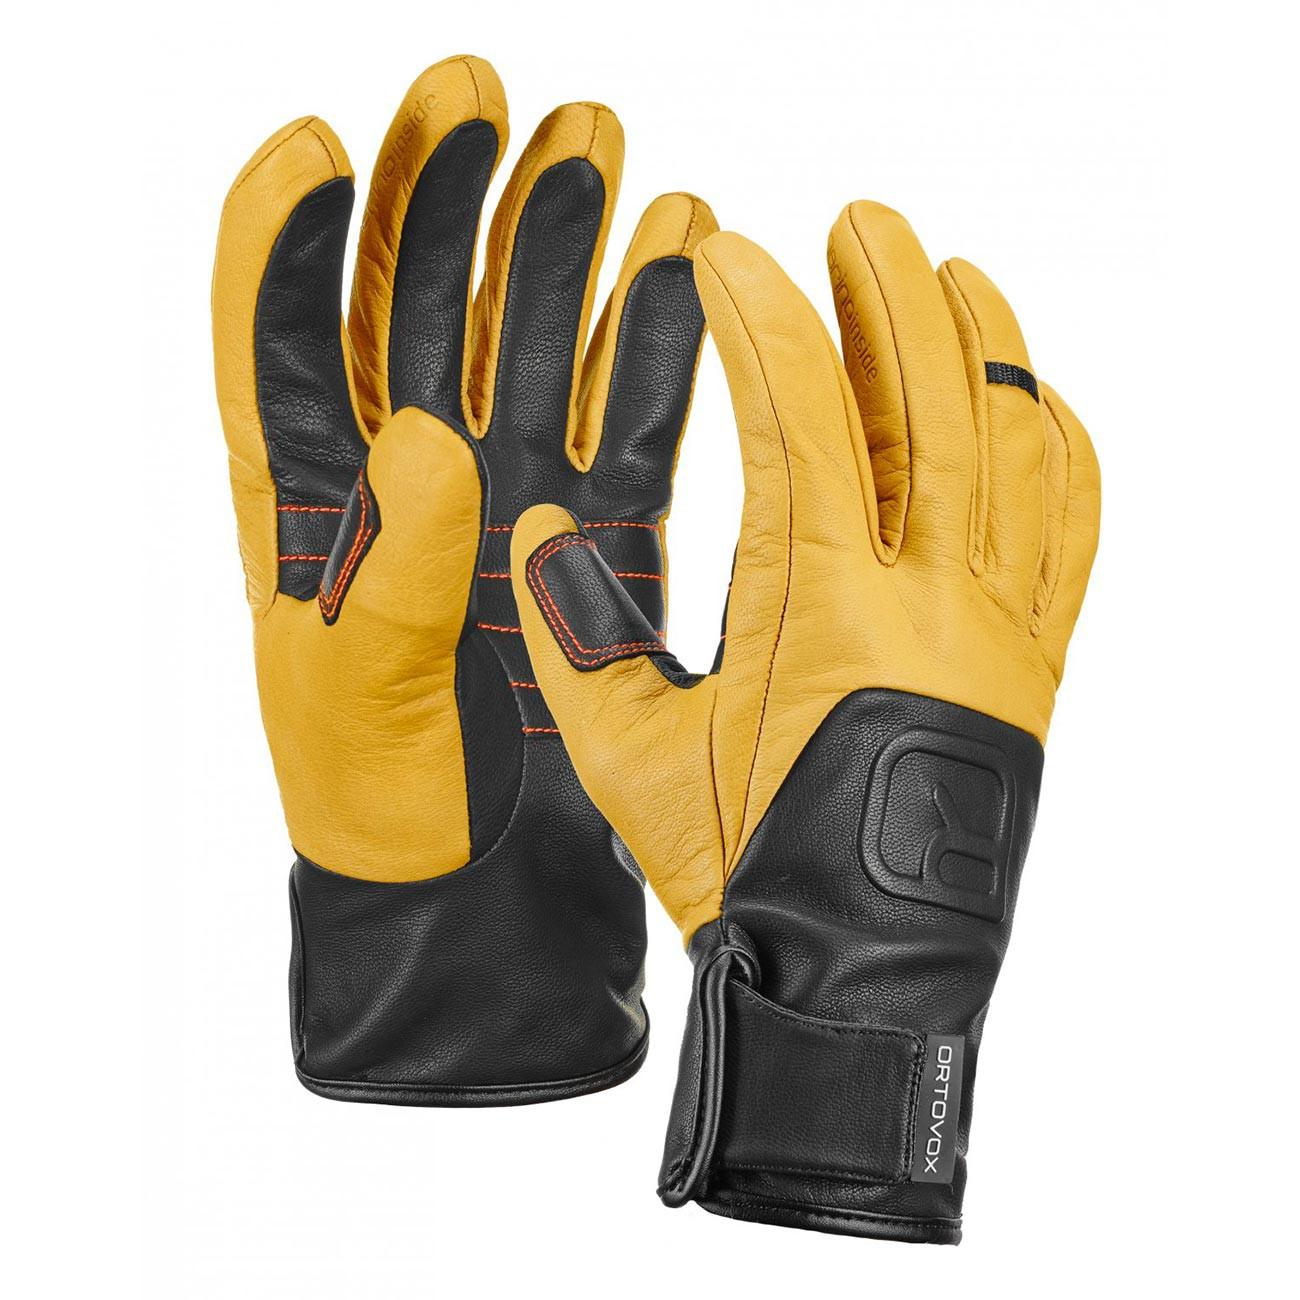 Rukavice Ortovox Pro Leather Glove light brown vel.S 16/17 + doručení do 24 hodin